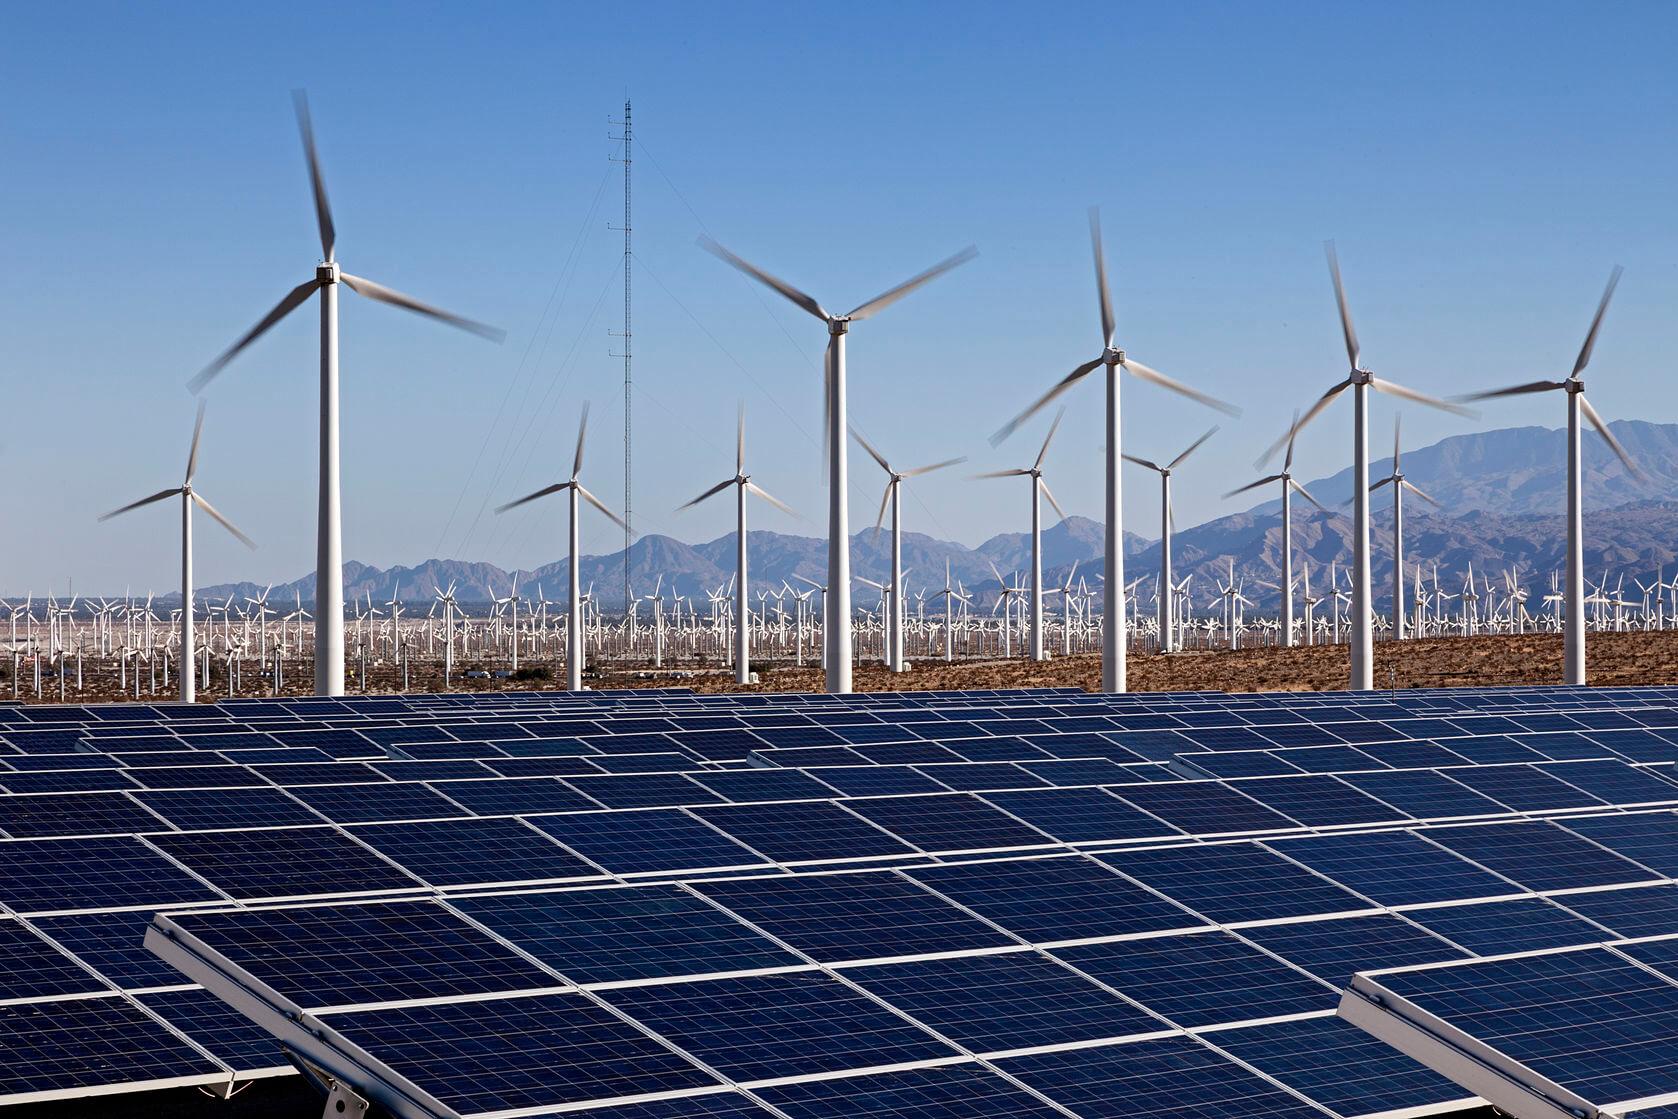 Renewableenergygeneratesenoughpowertorun70ofAustralianhomes.jpg